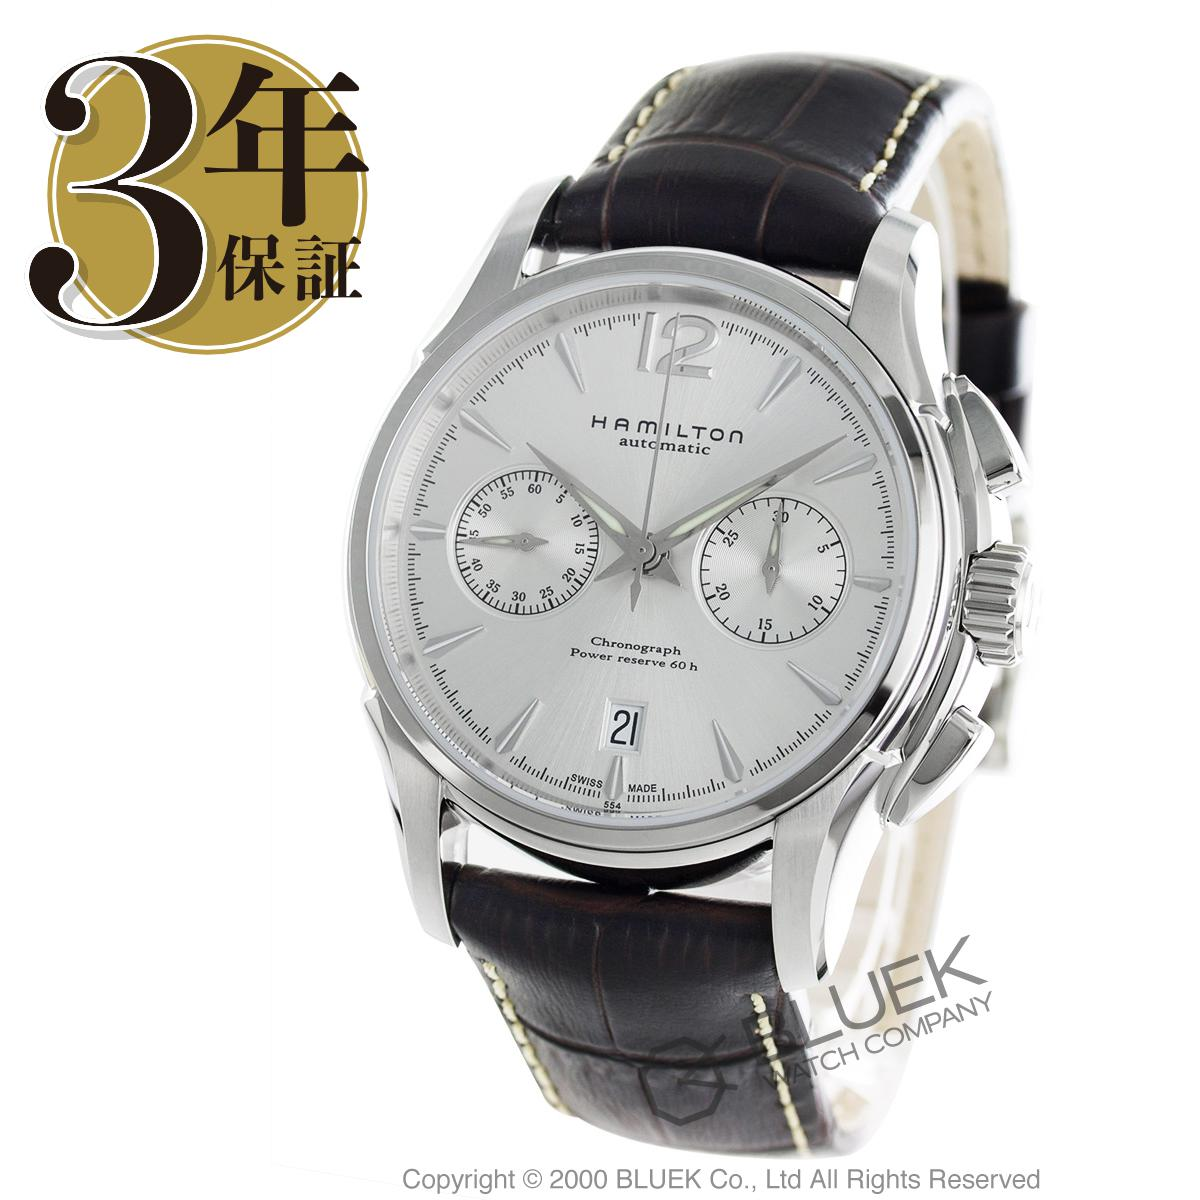 【3,000円OFFクーポン対象】ハミルトン ジャズマスター オート クロノ クロノグラフ 腕時計 メンズ HAMILTON H32606855_8